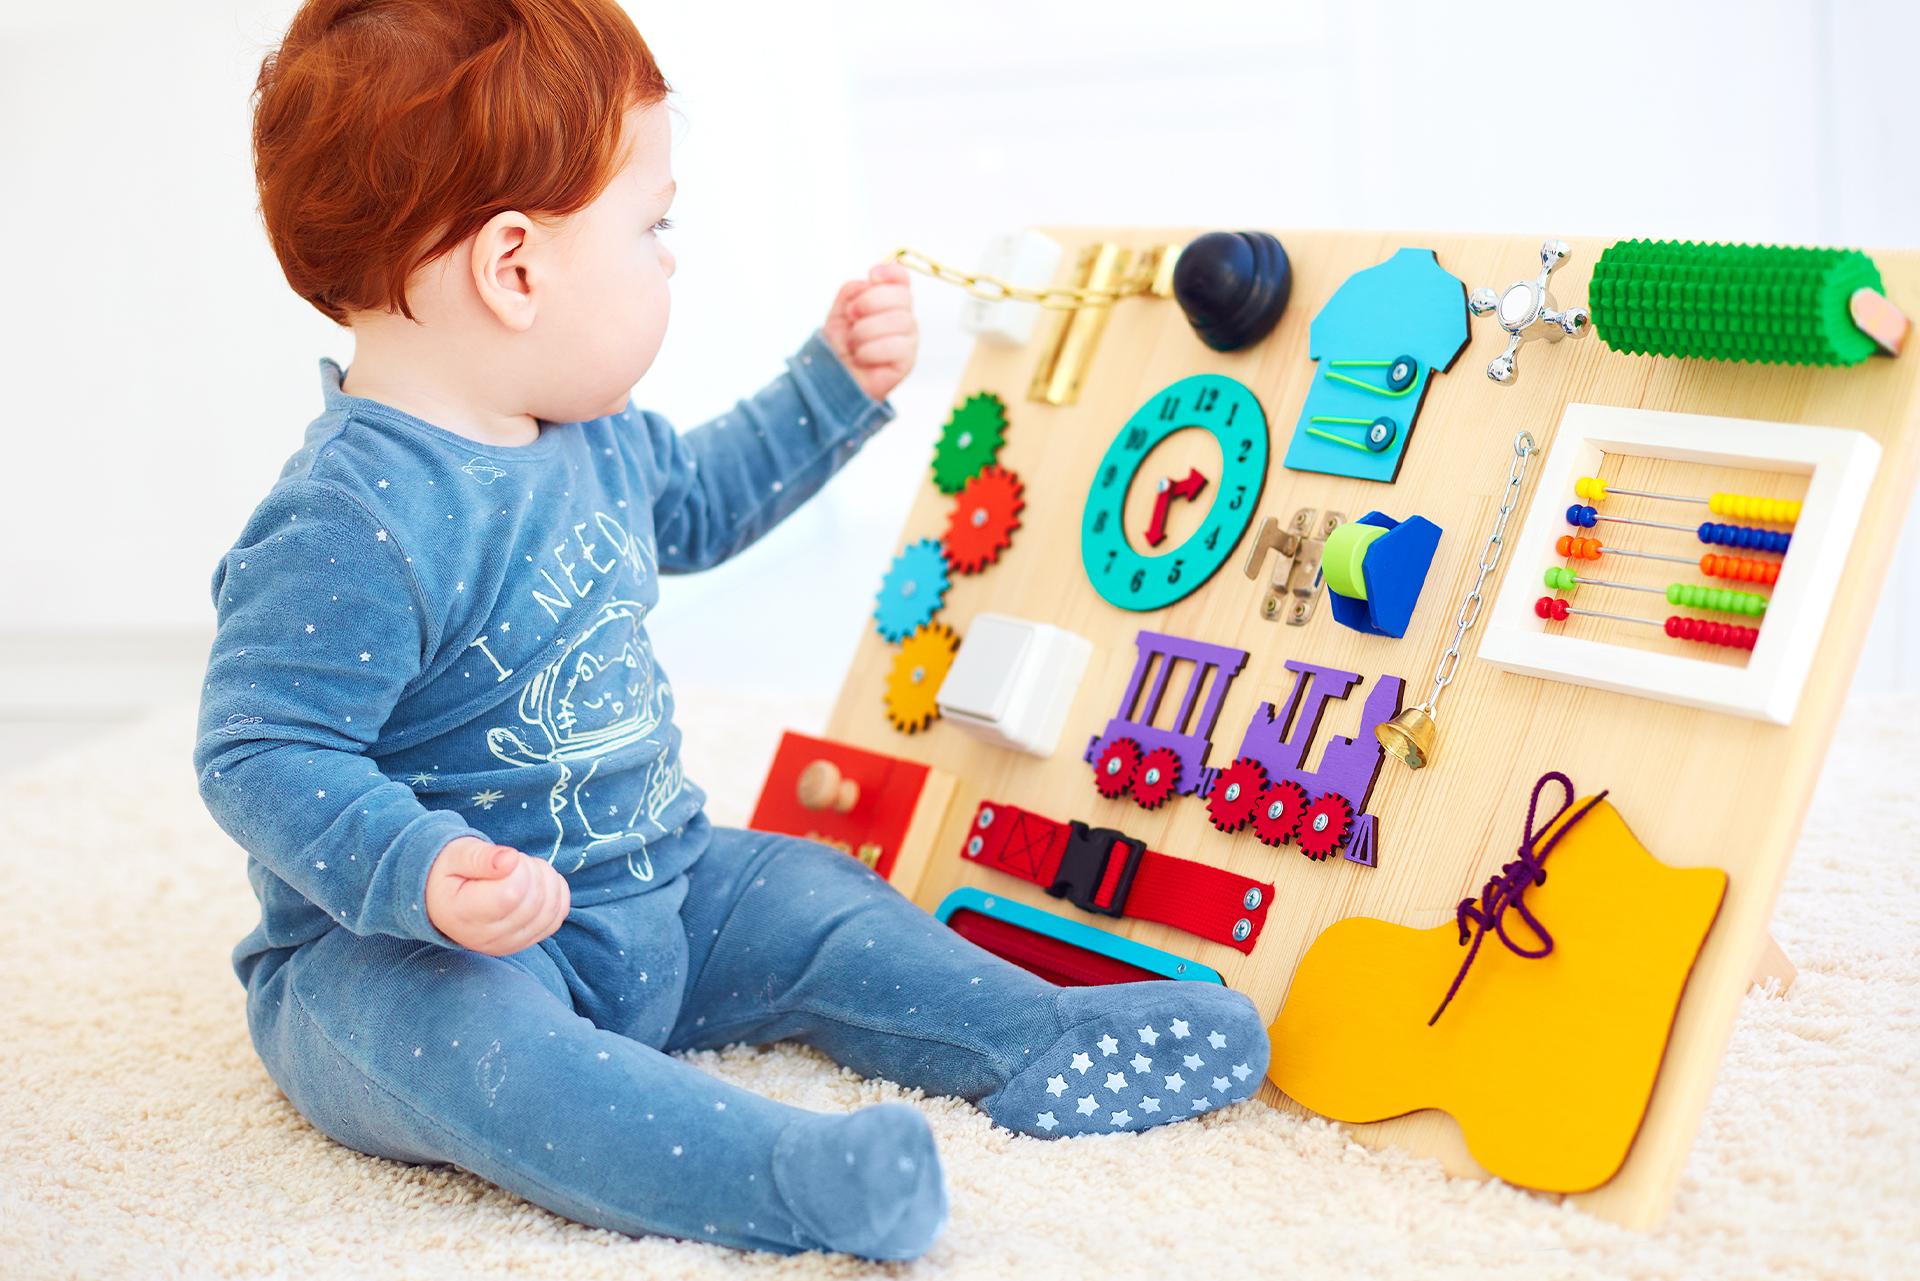 cos'è la motricità fine, quali sono le attività e i giochi per la motricità fine da fare con i bambini